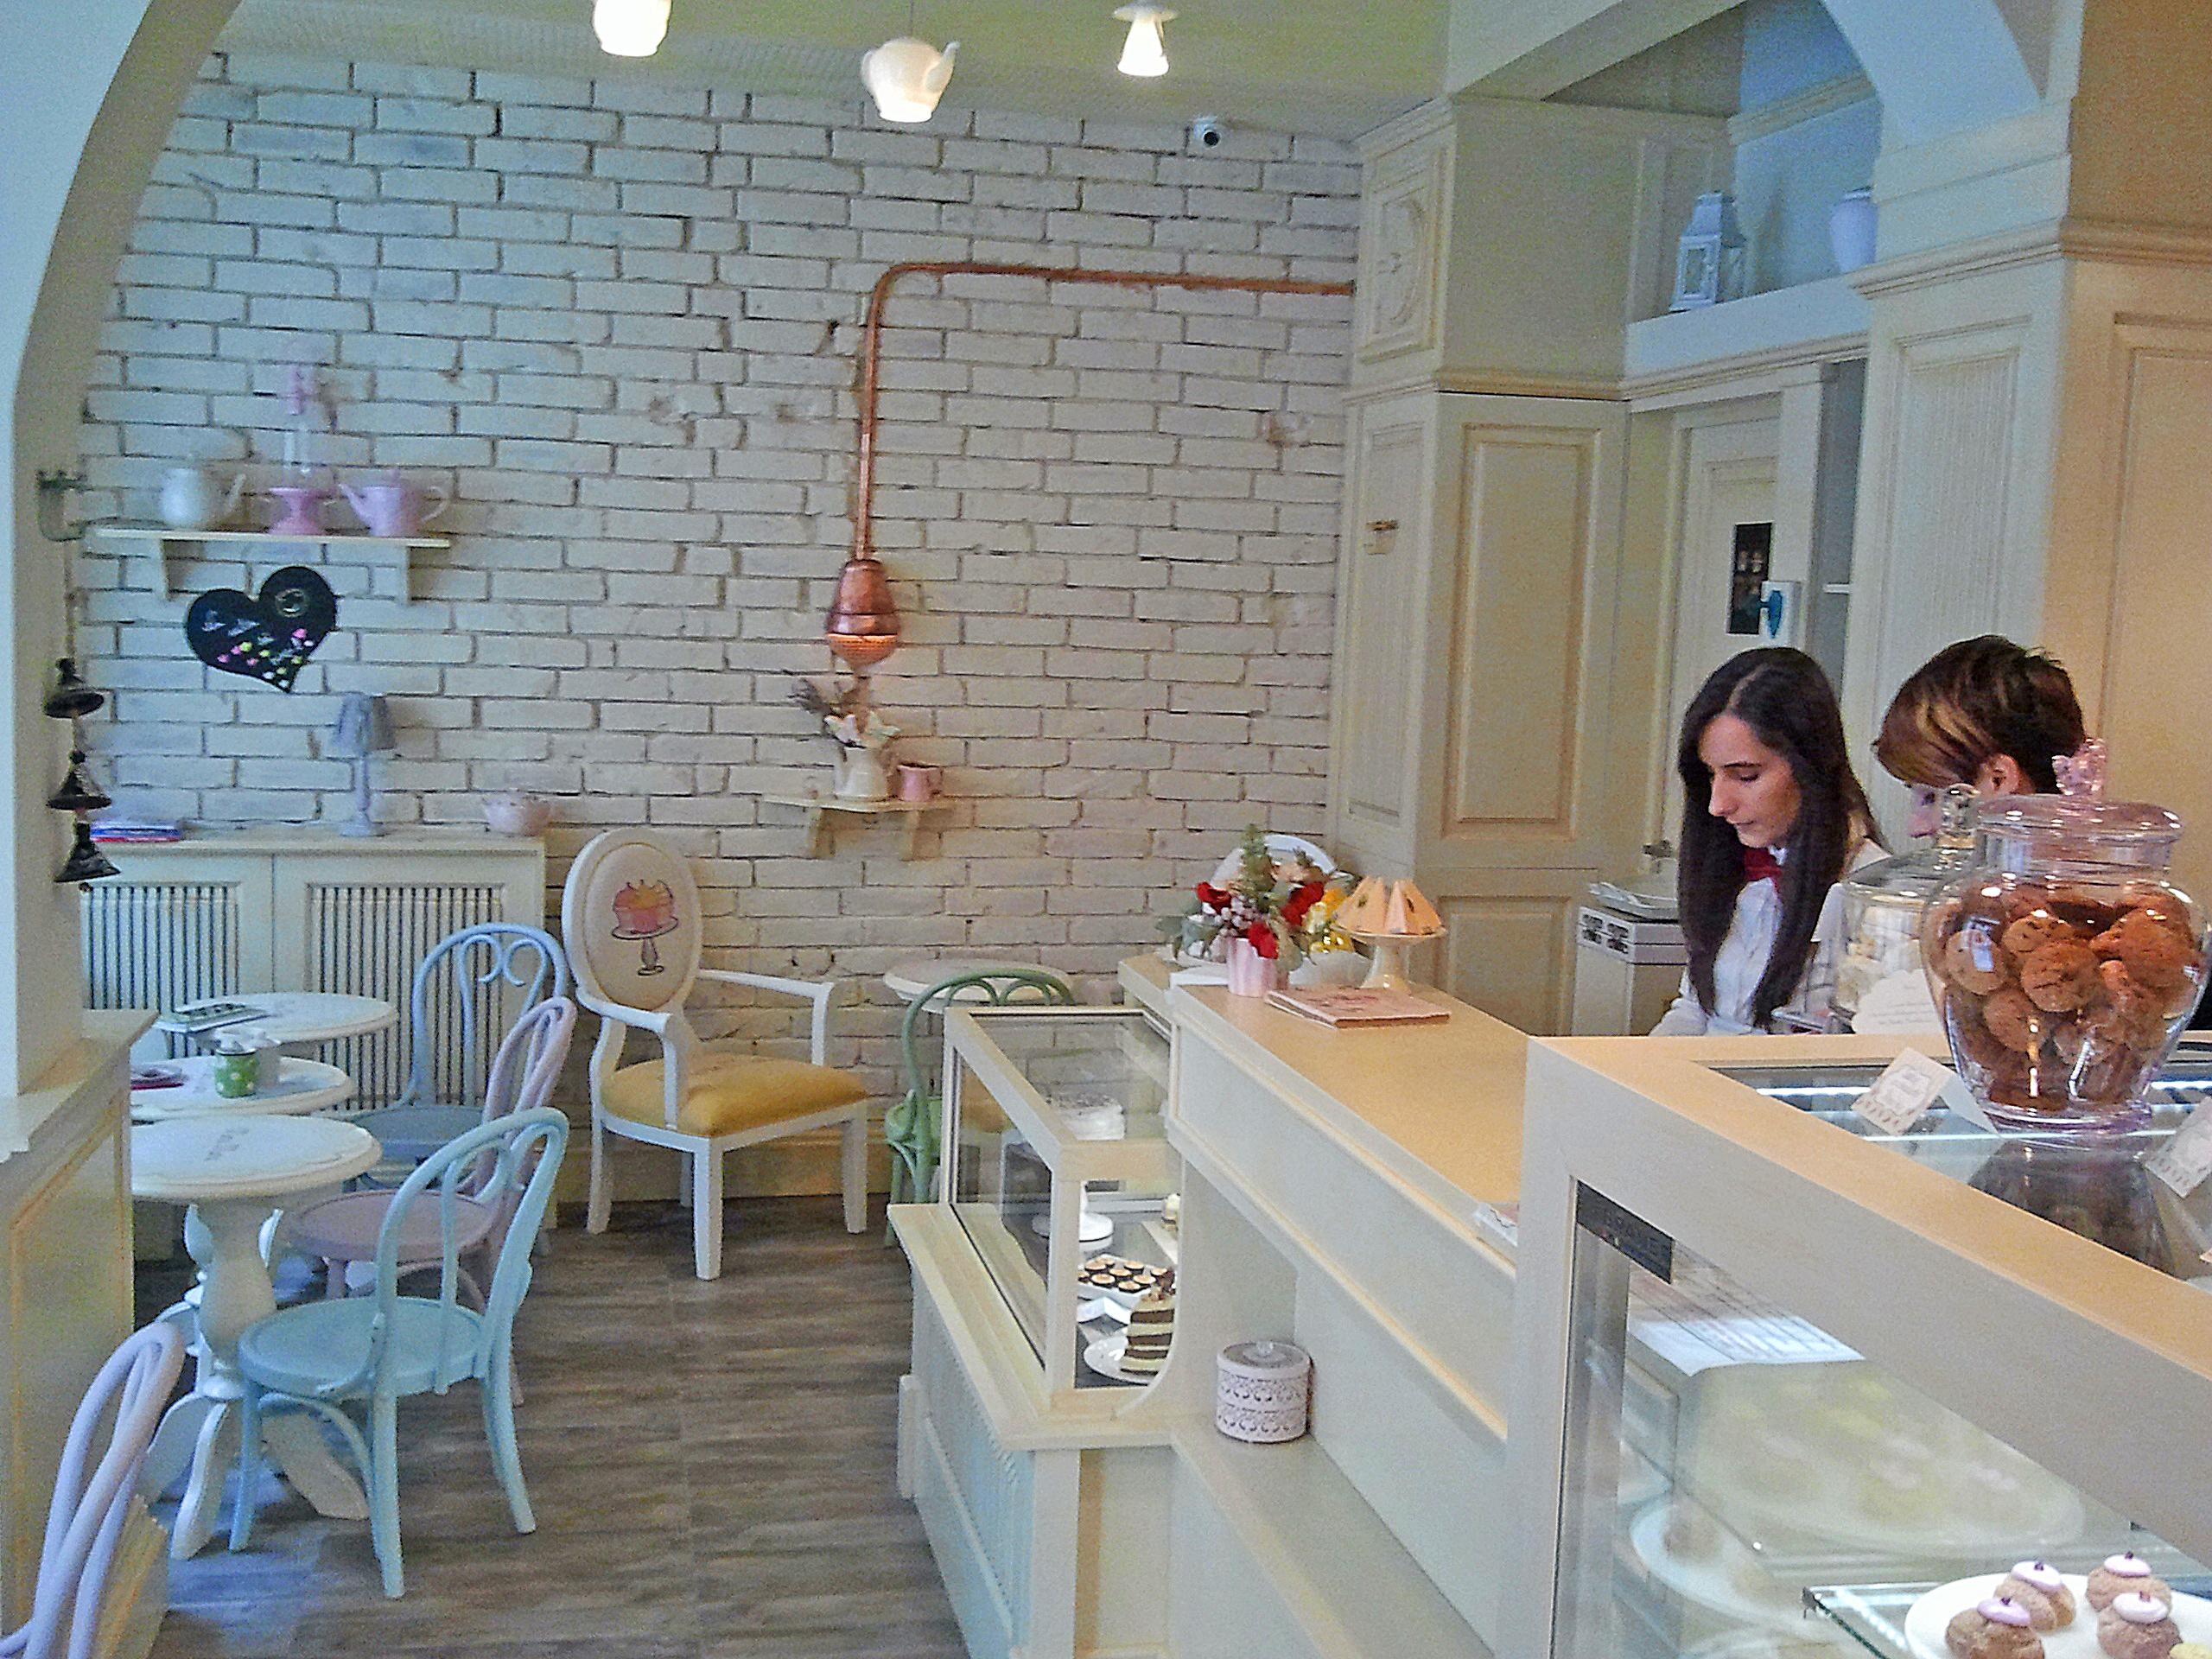 Interiorul te îmbie să petreci ceva timp la o cafea. foto: danbrumar.ro